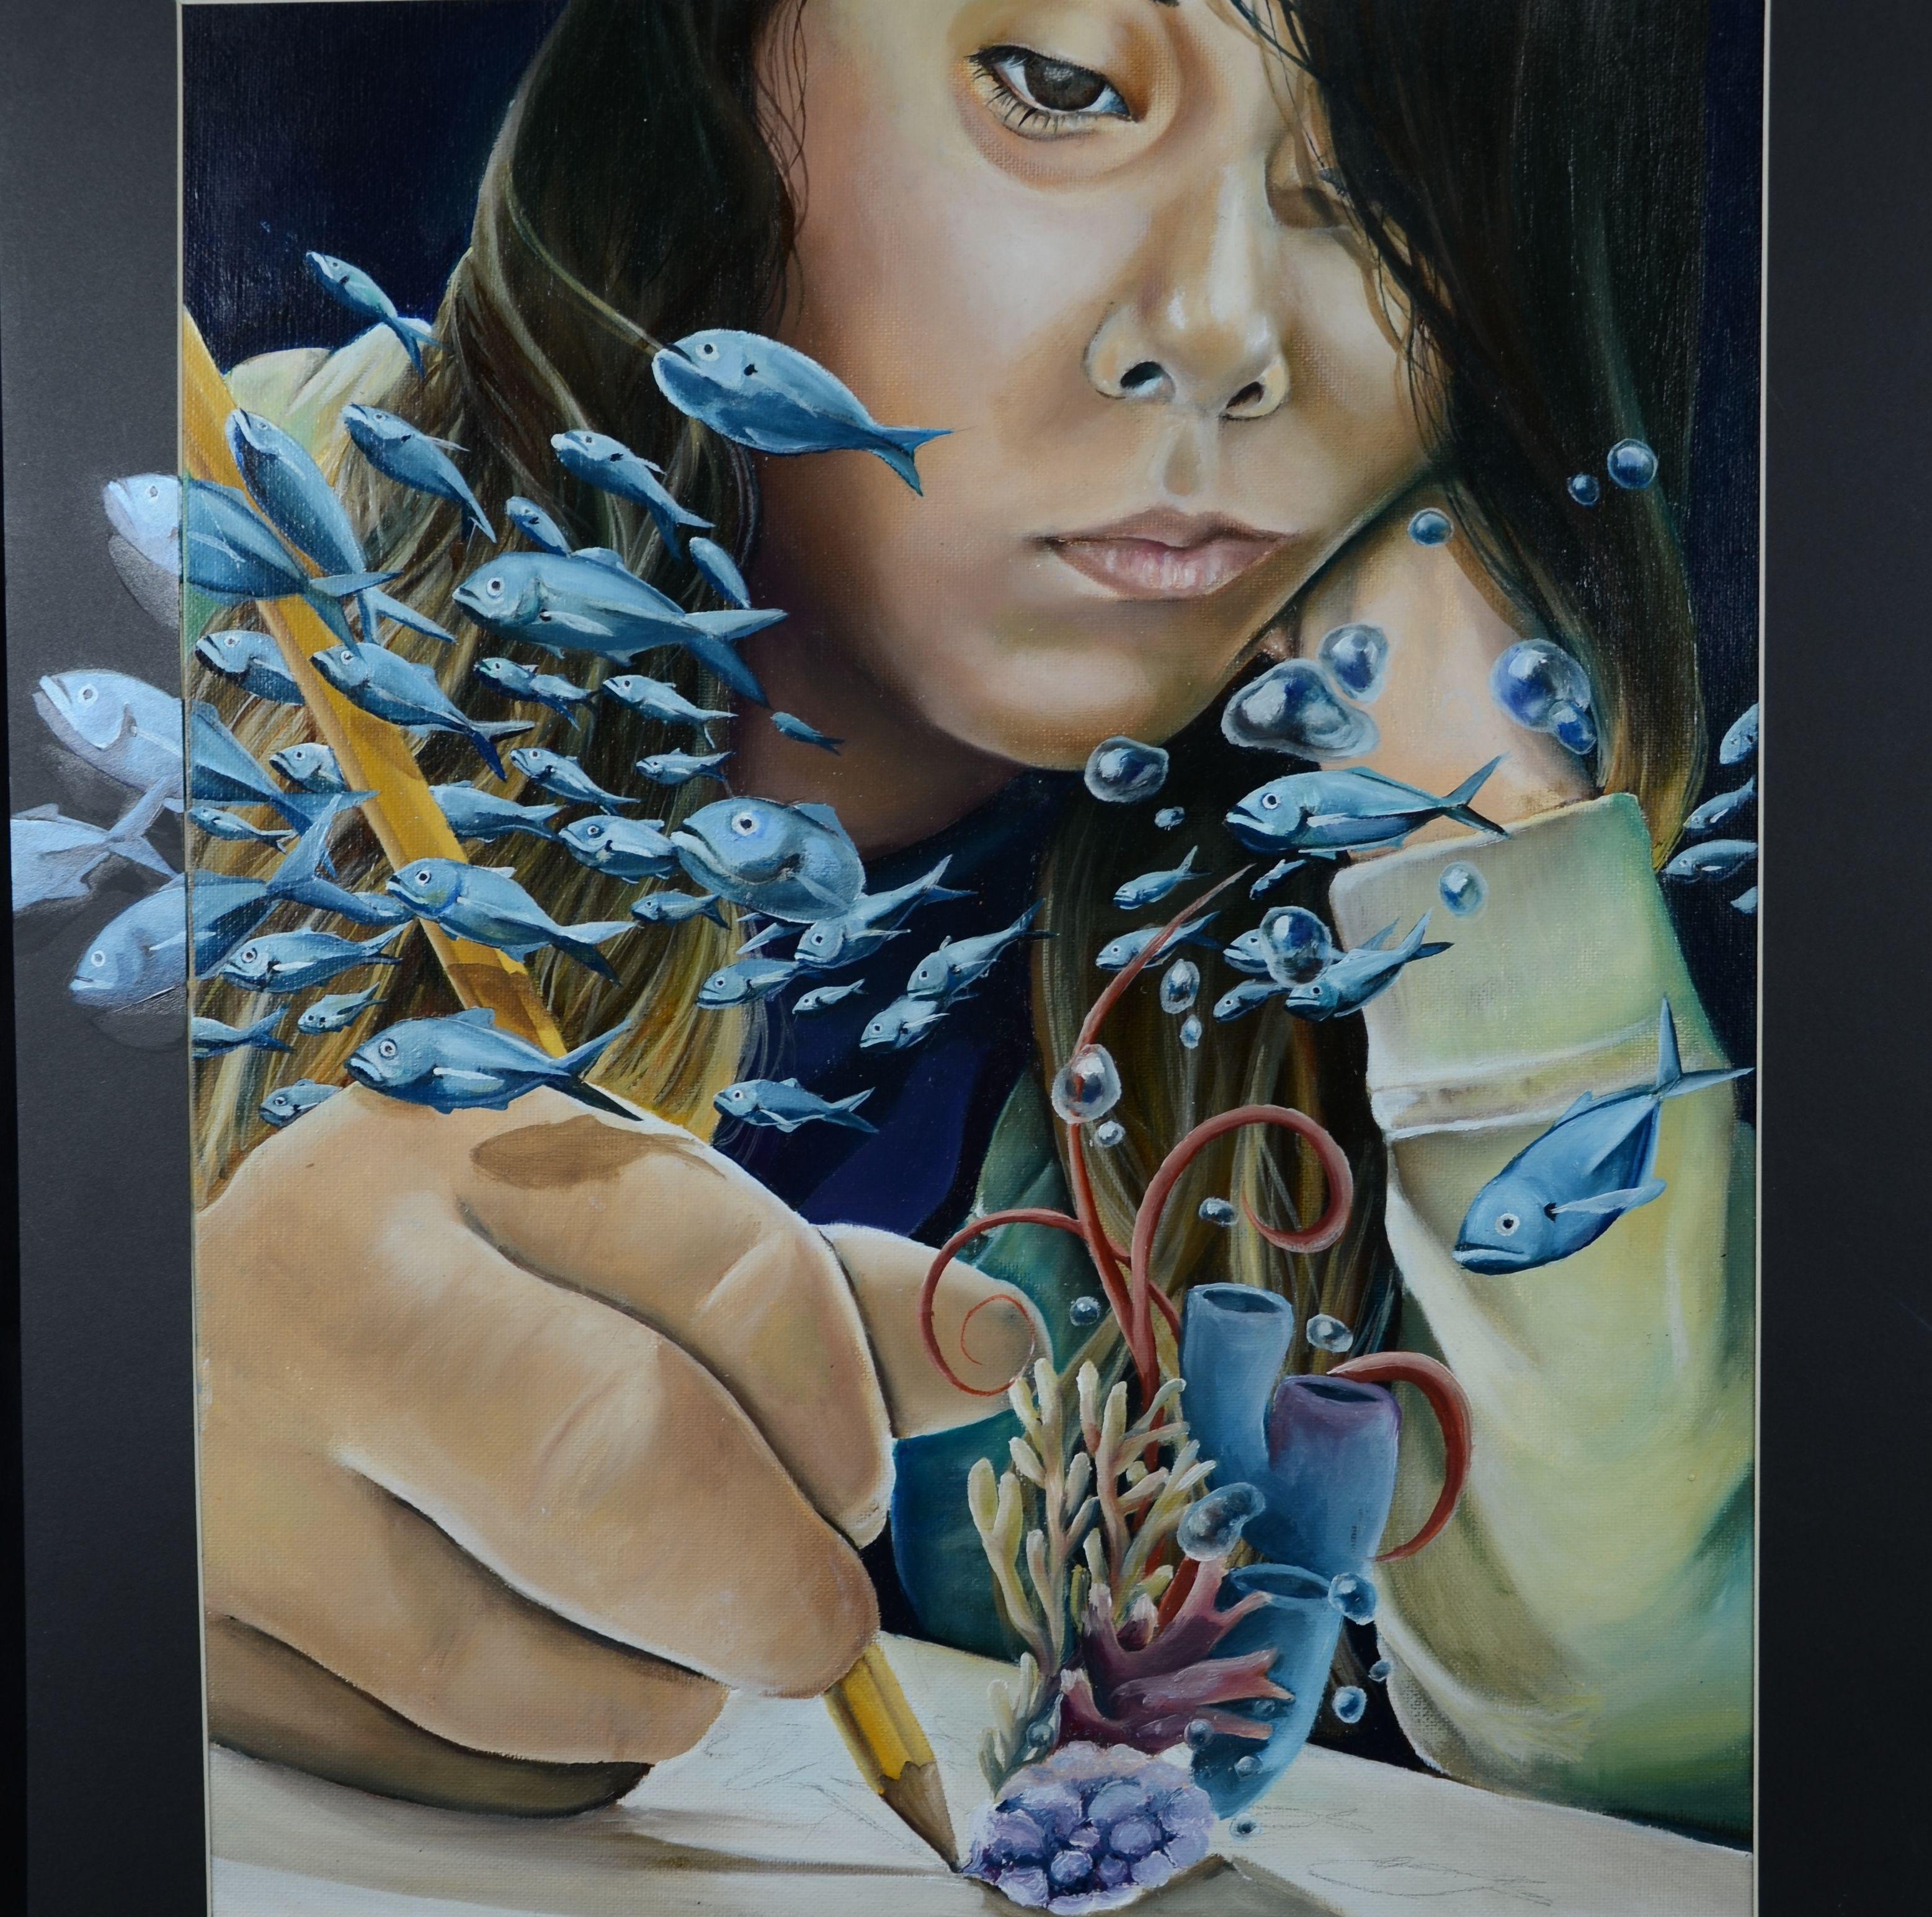 Natural teen art